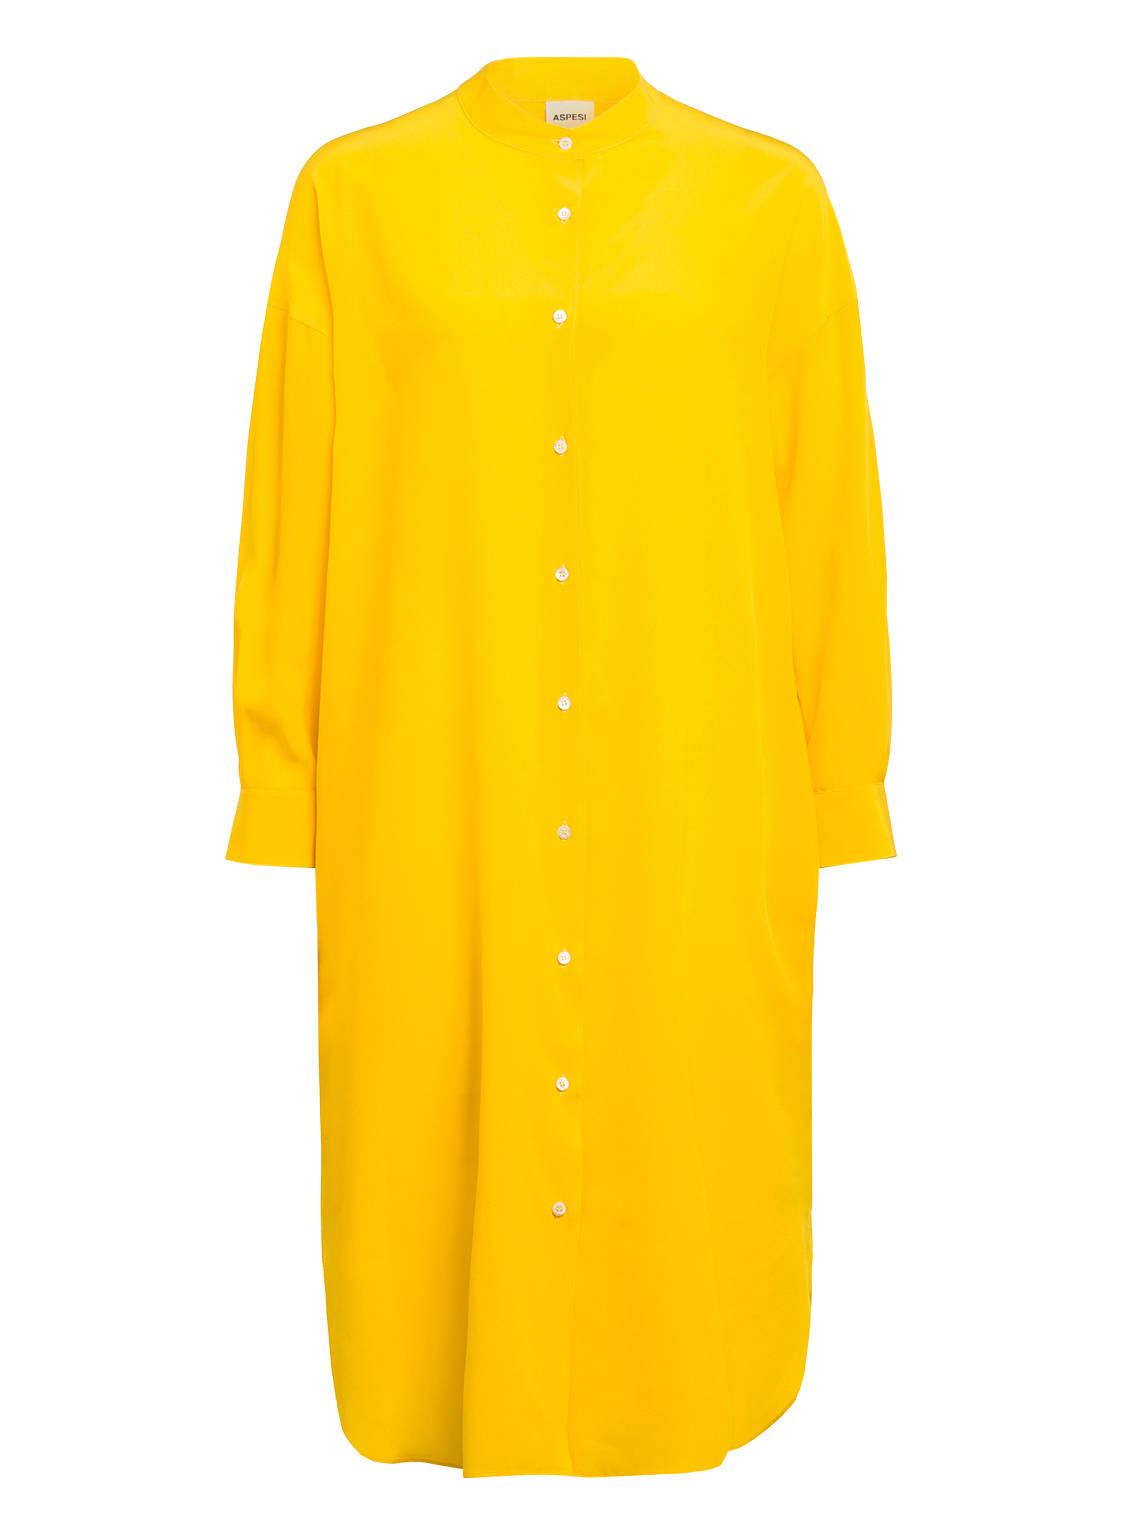 Image of Aspesi Hemdblusenkleid Aus Seide gelb